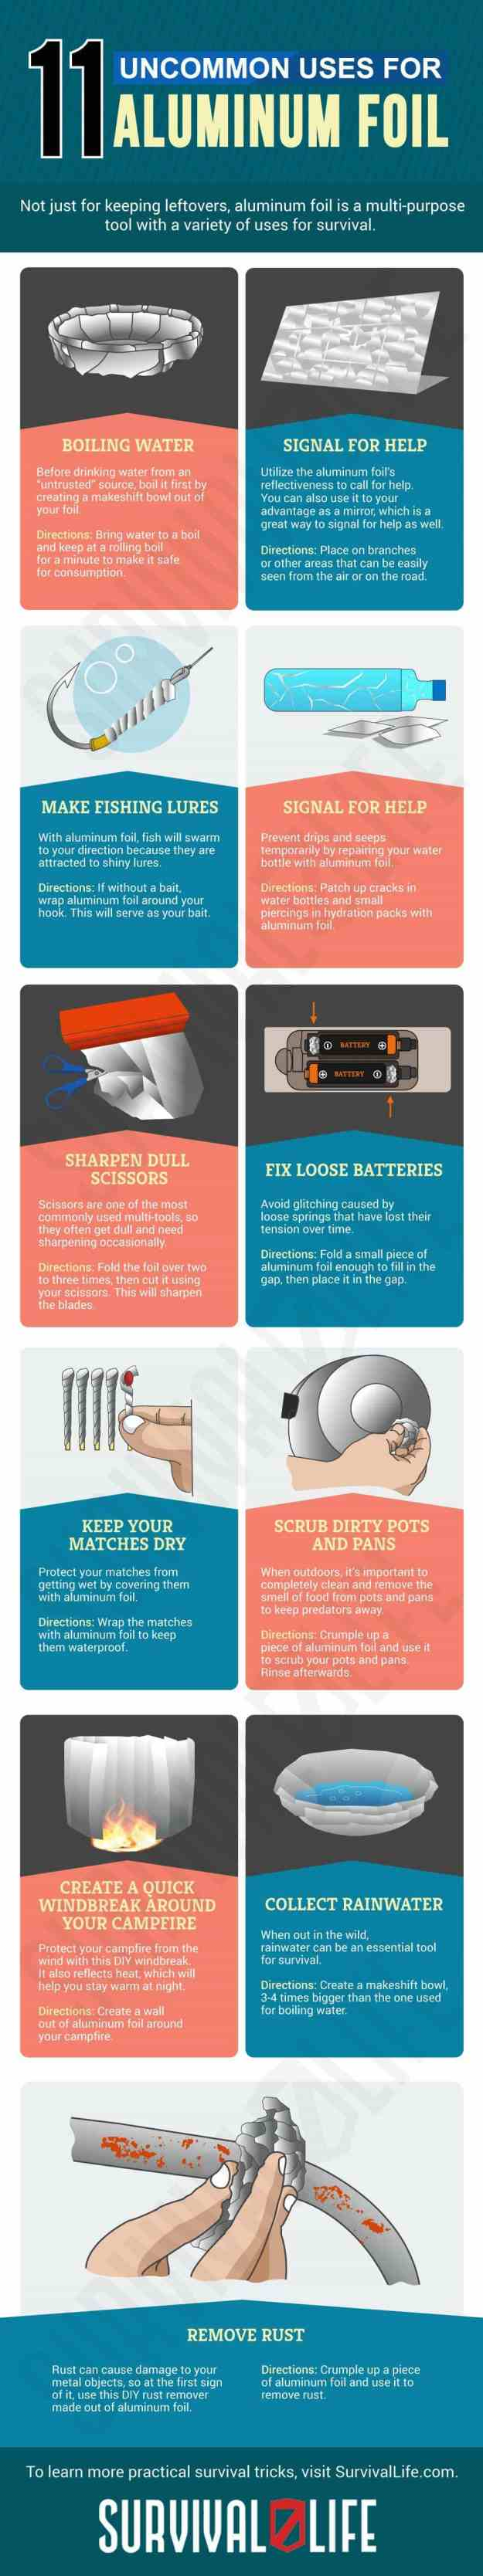 Infographic | Aluminum Foil | Uncommon Aluminum Foil Survival Uses | Aluminum Foil Survival Uses | uses for aluminum foil